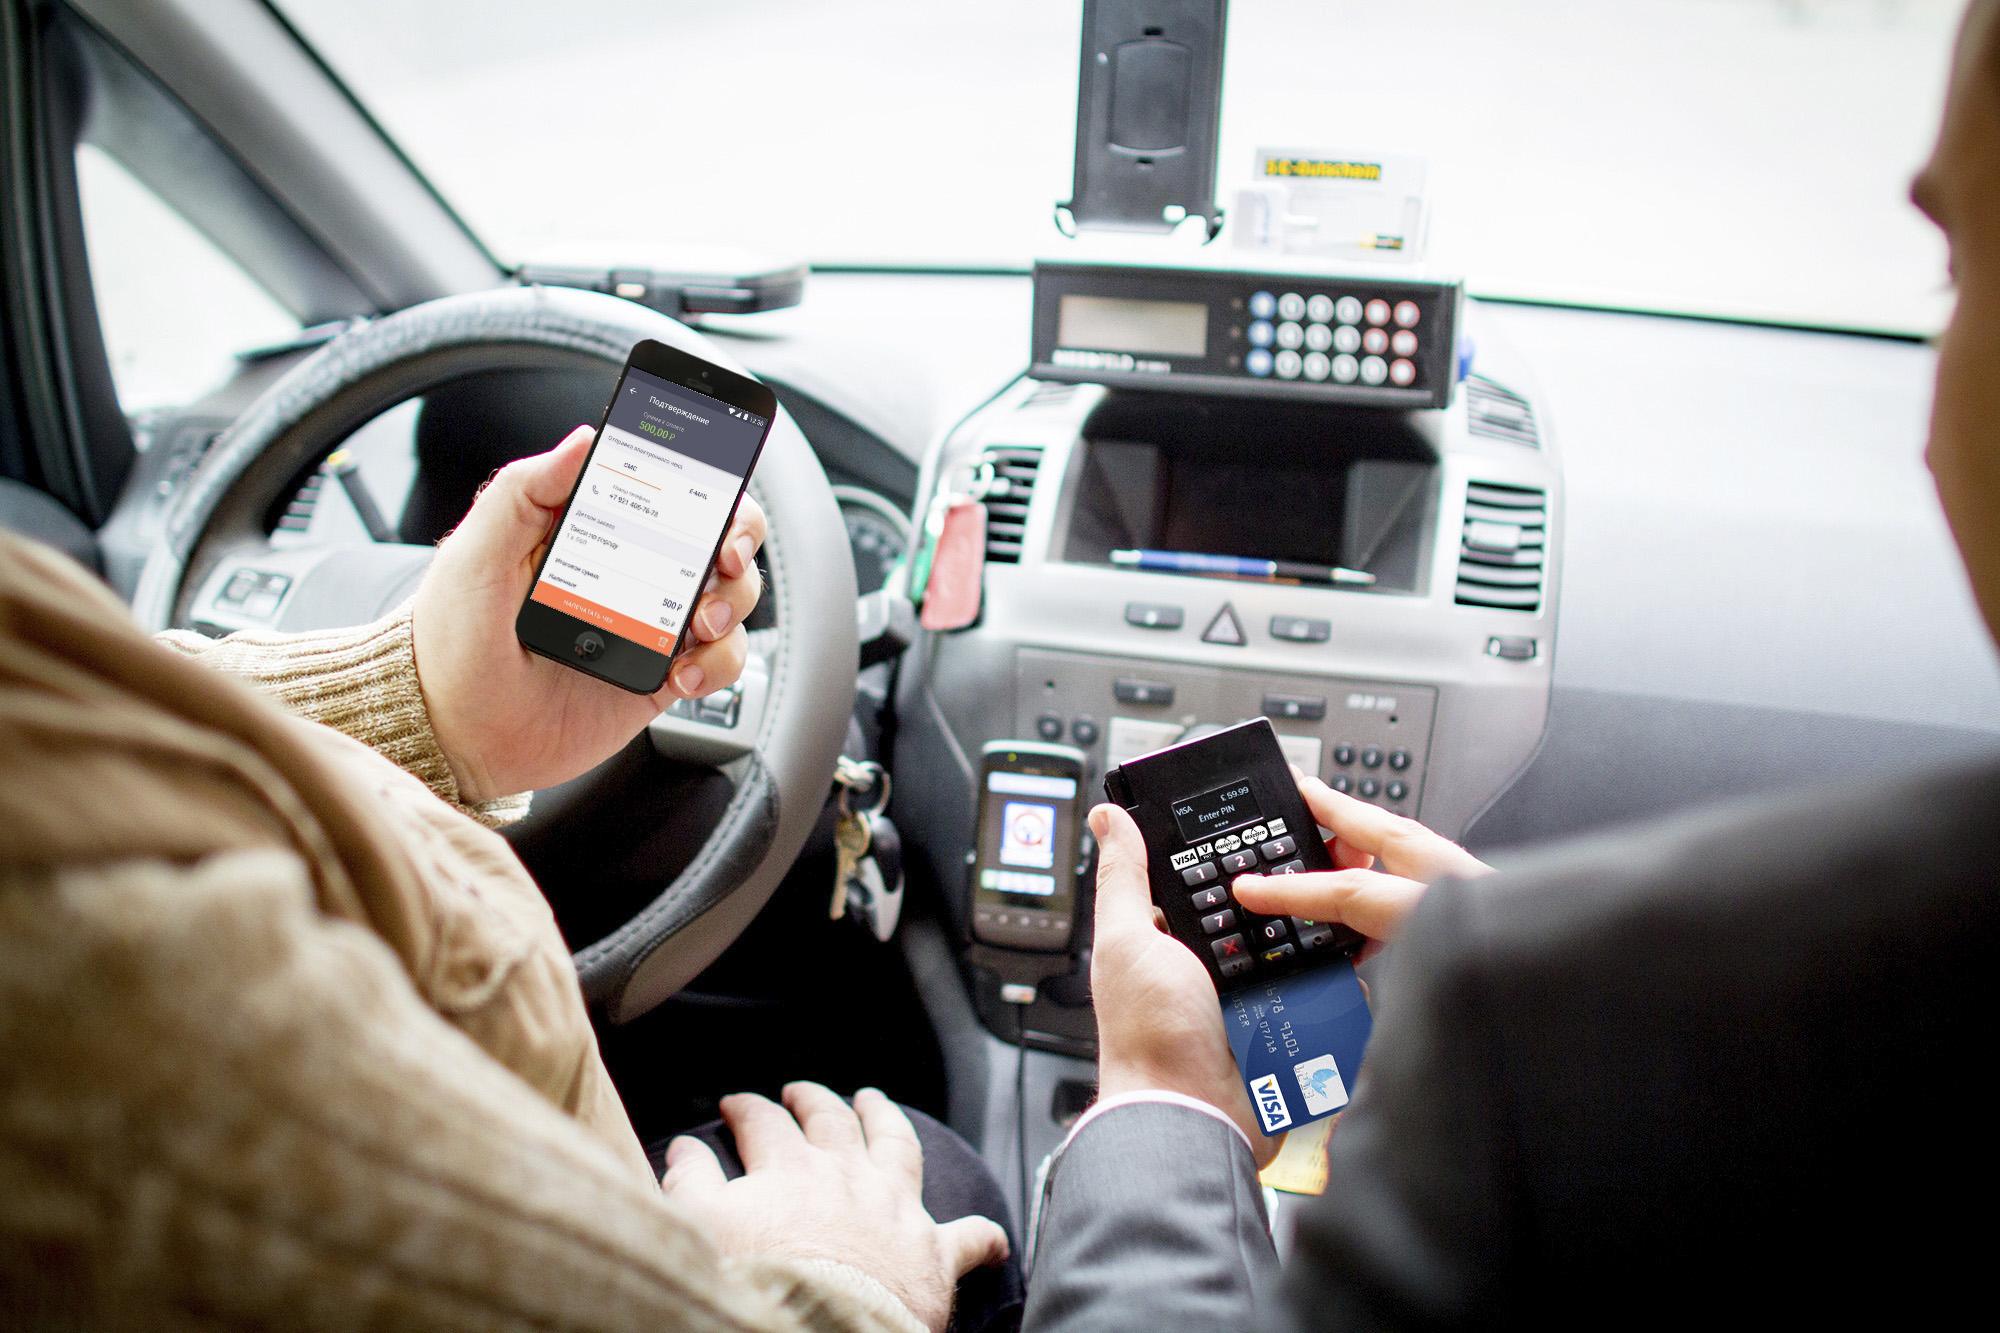 Онлайн-касса для такси в 2019 году - лучшие модели ККТ для такси по приятным ценам в ЦТО МЕТА